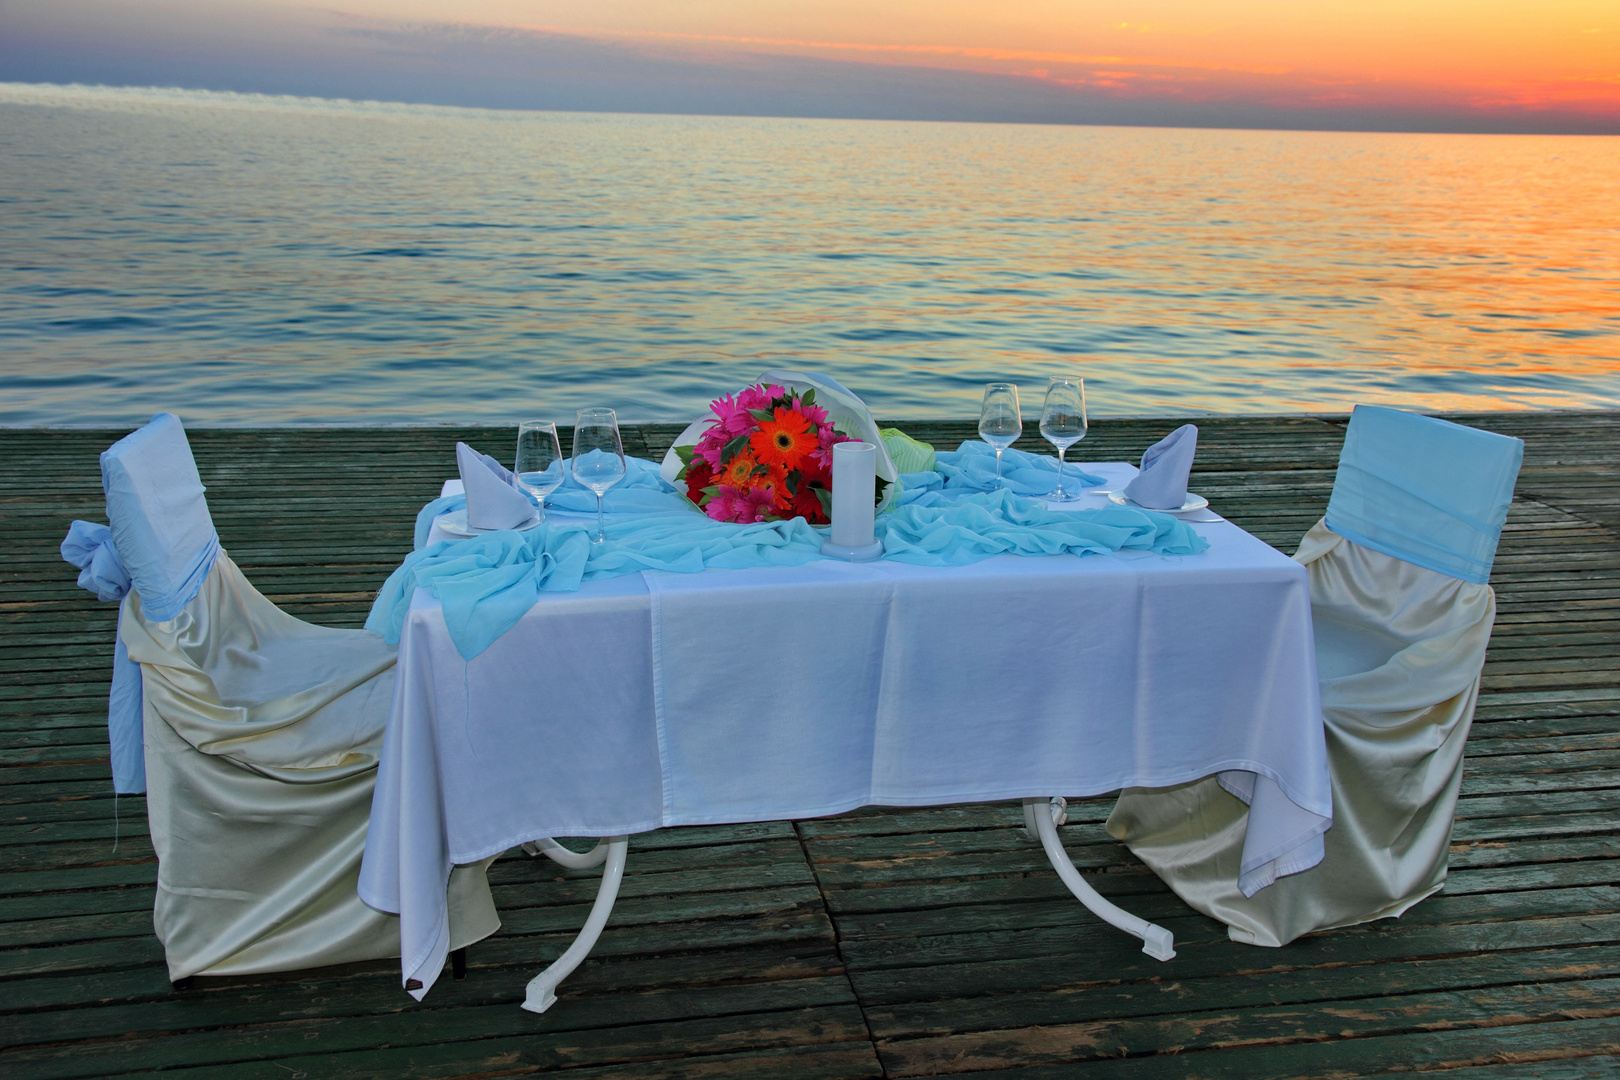 es k nnte ein romantischer abend werden foto bild landschaft meer strand omin93. Black Bedroom Furniture Sets. Home Design Ideas